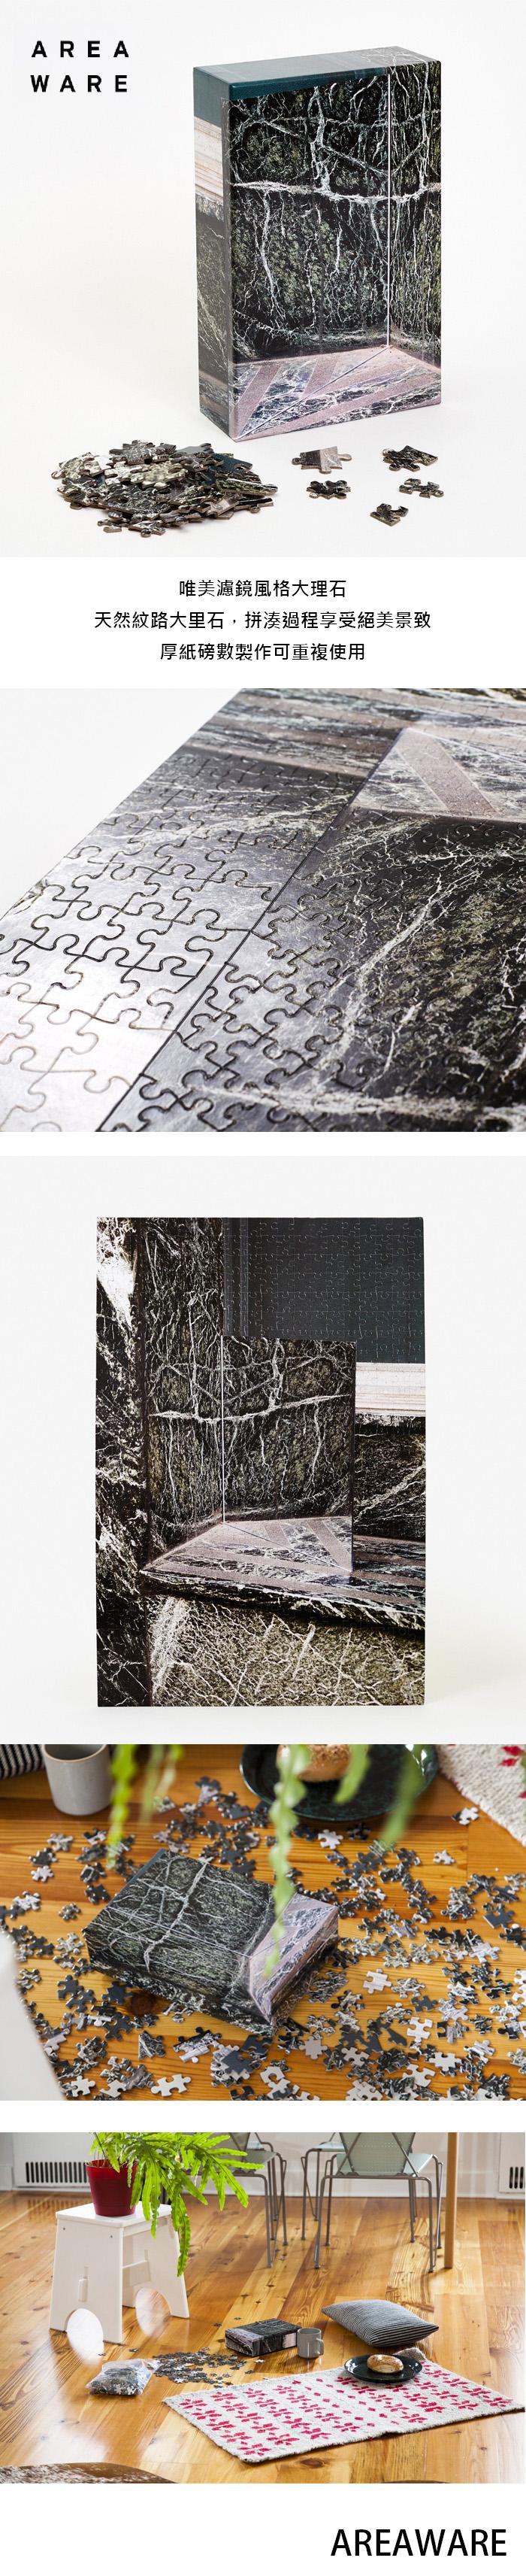 (複製)AREAWARE|漸層拼圖(粉藍款)